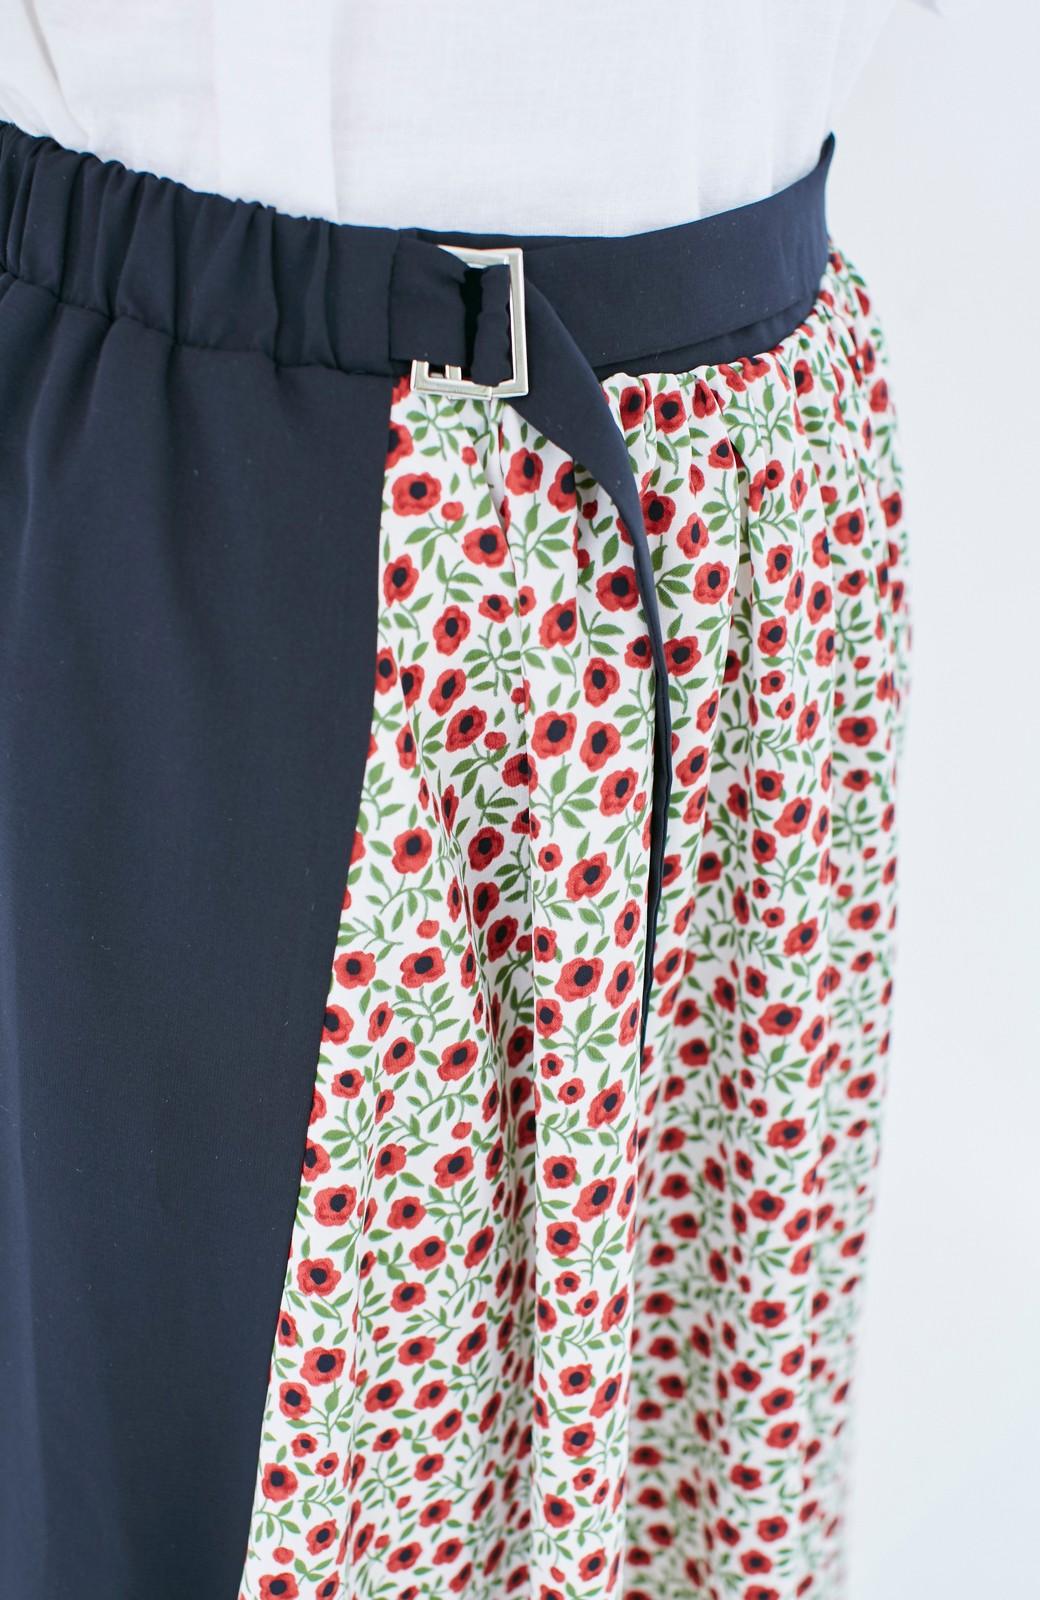 エムトロワ 大人っぽく柄を楽しめる 花柄&カラーコンビのフレアースカート <ネイビー>の商品写真3